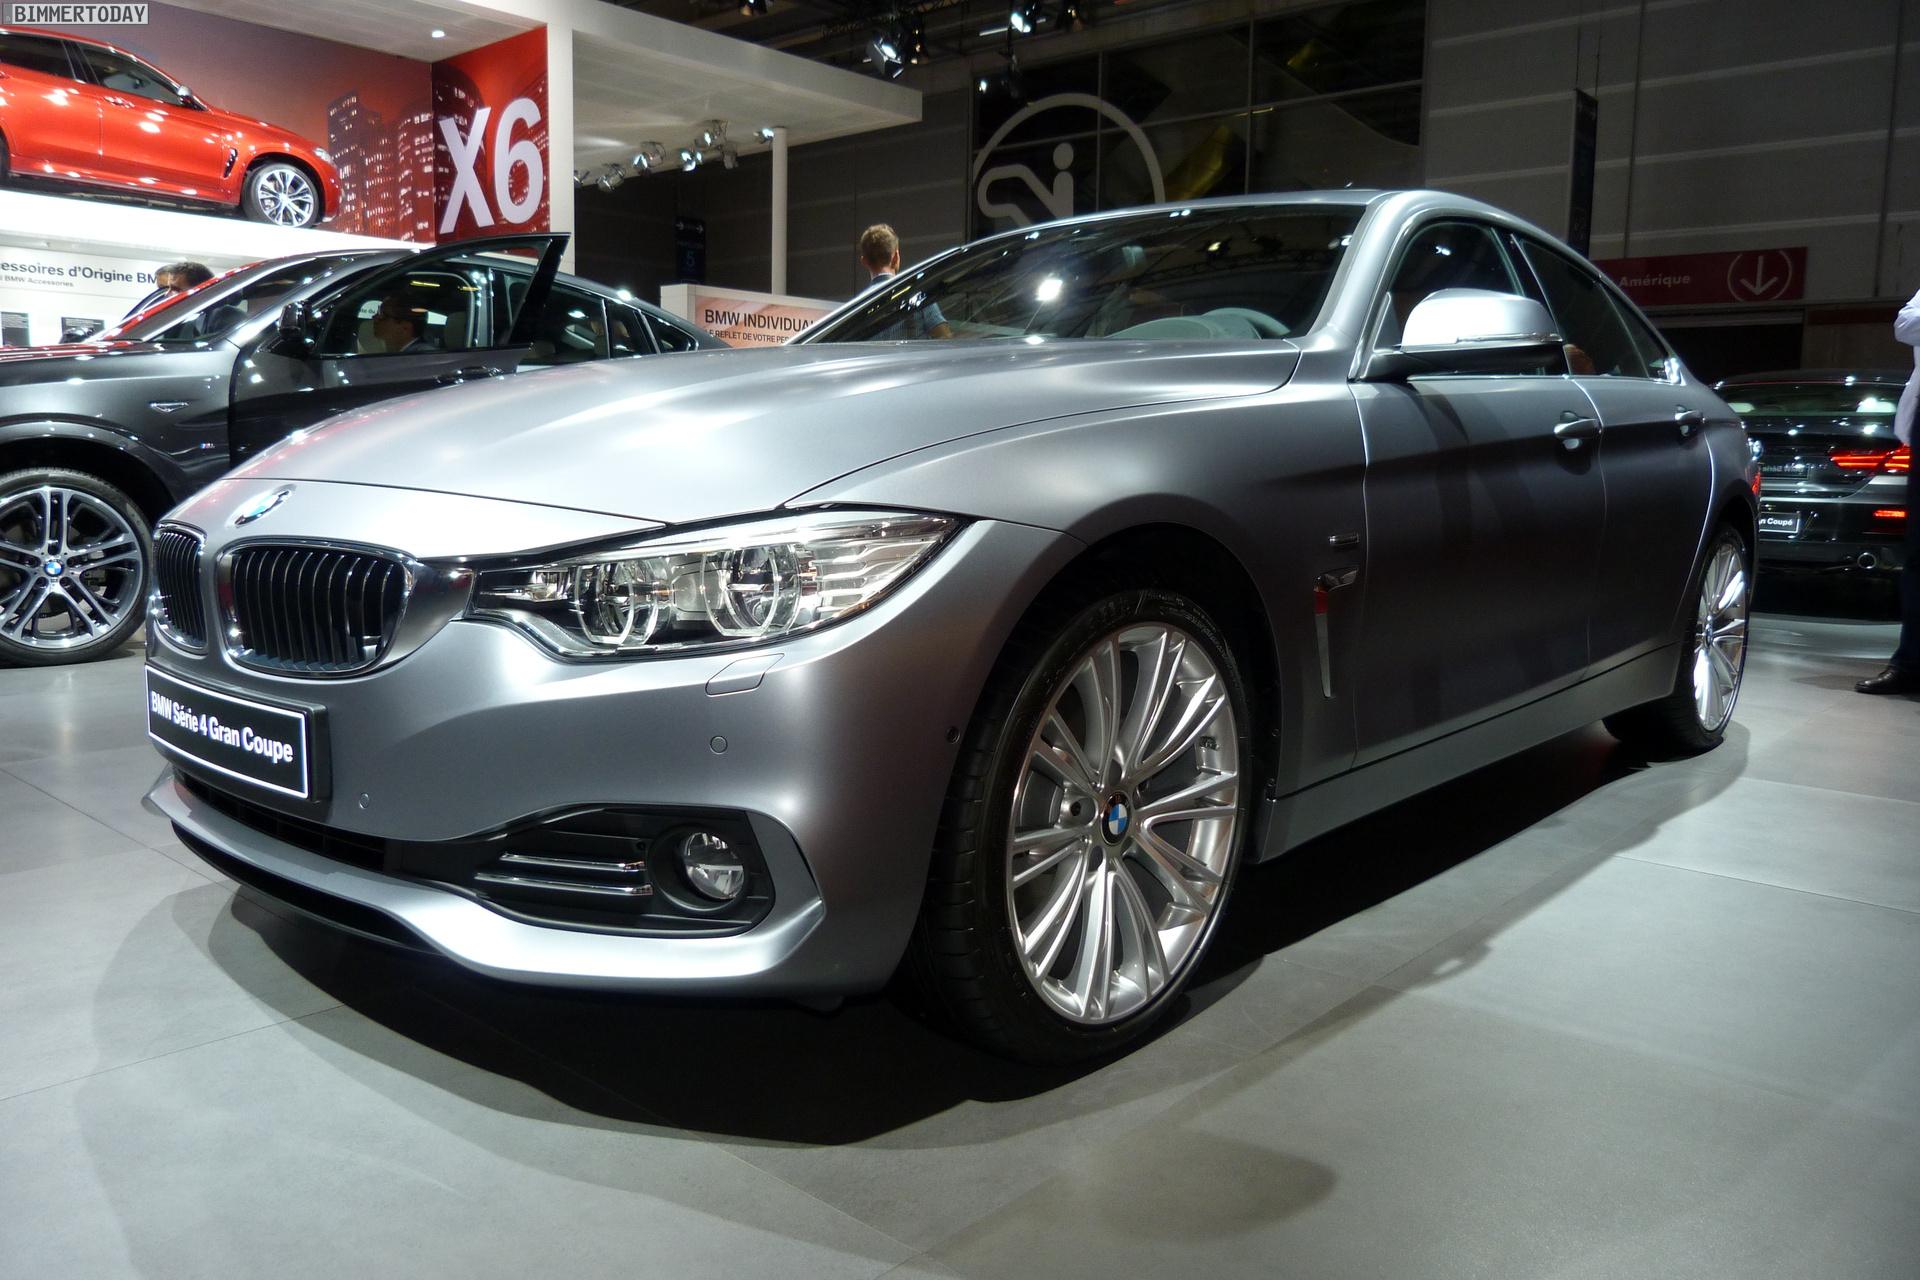 BMW 4er Gran Coupe GC F36 Frozen Cashmere Silver Paris 2014 LIVE 01